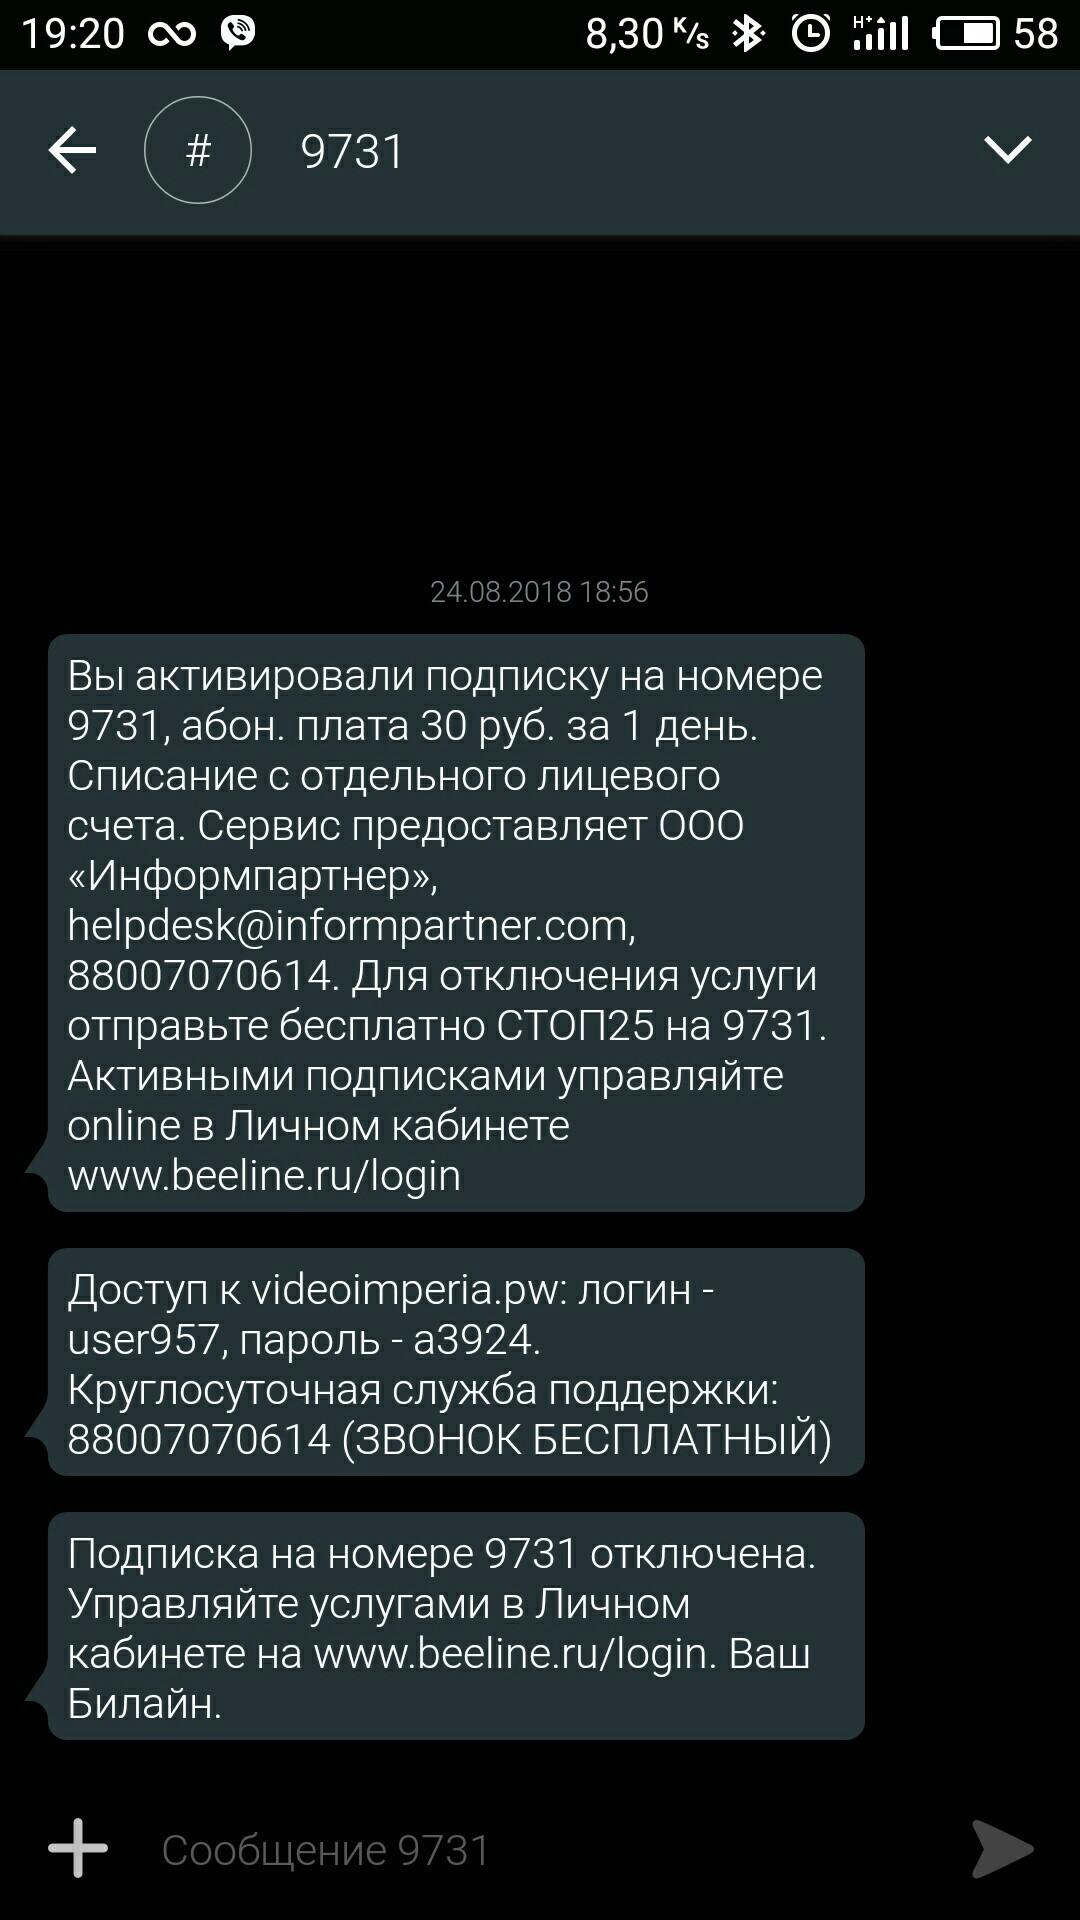 как брать в долг на билайне 30 рублей